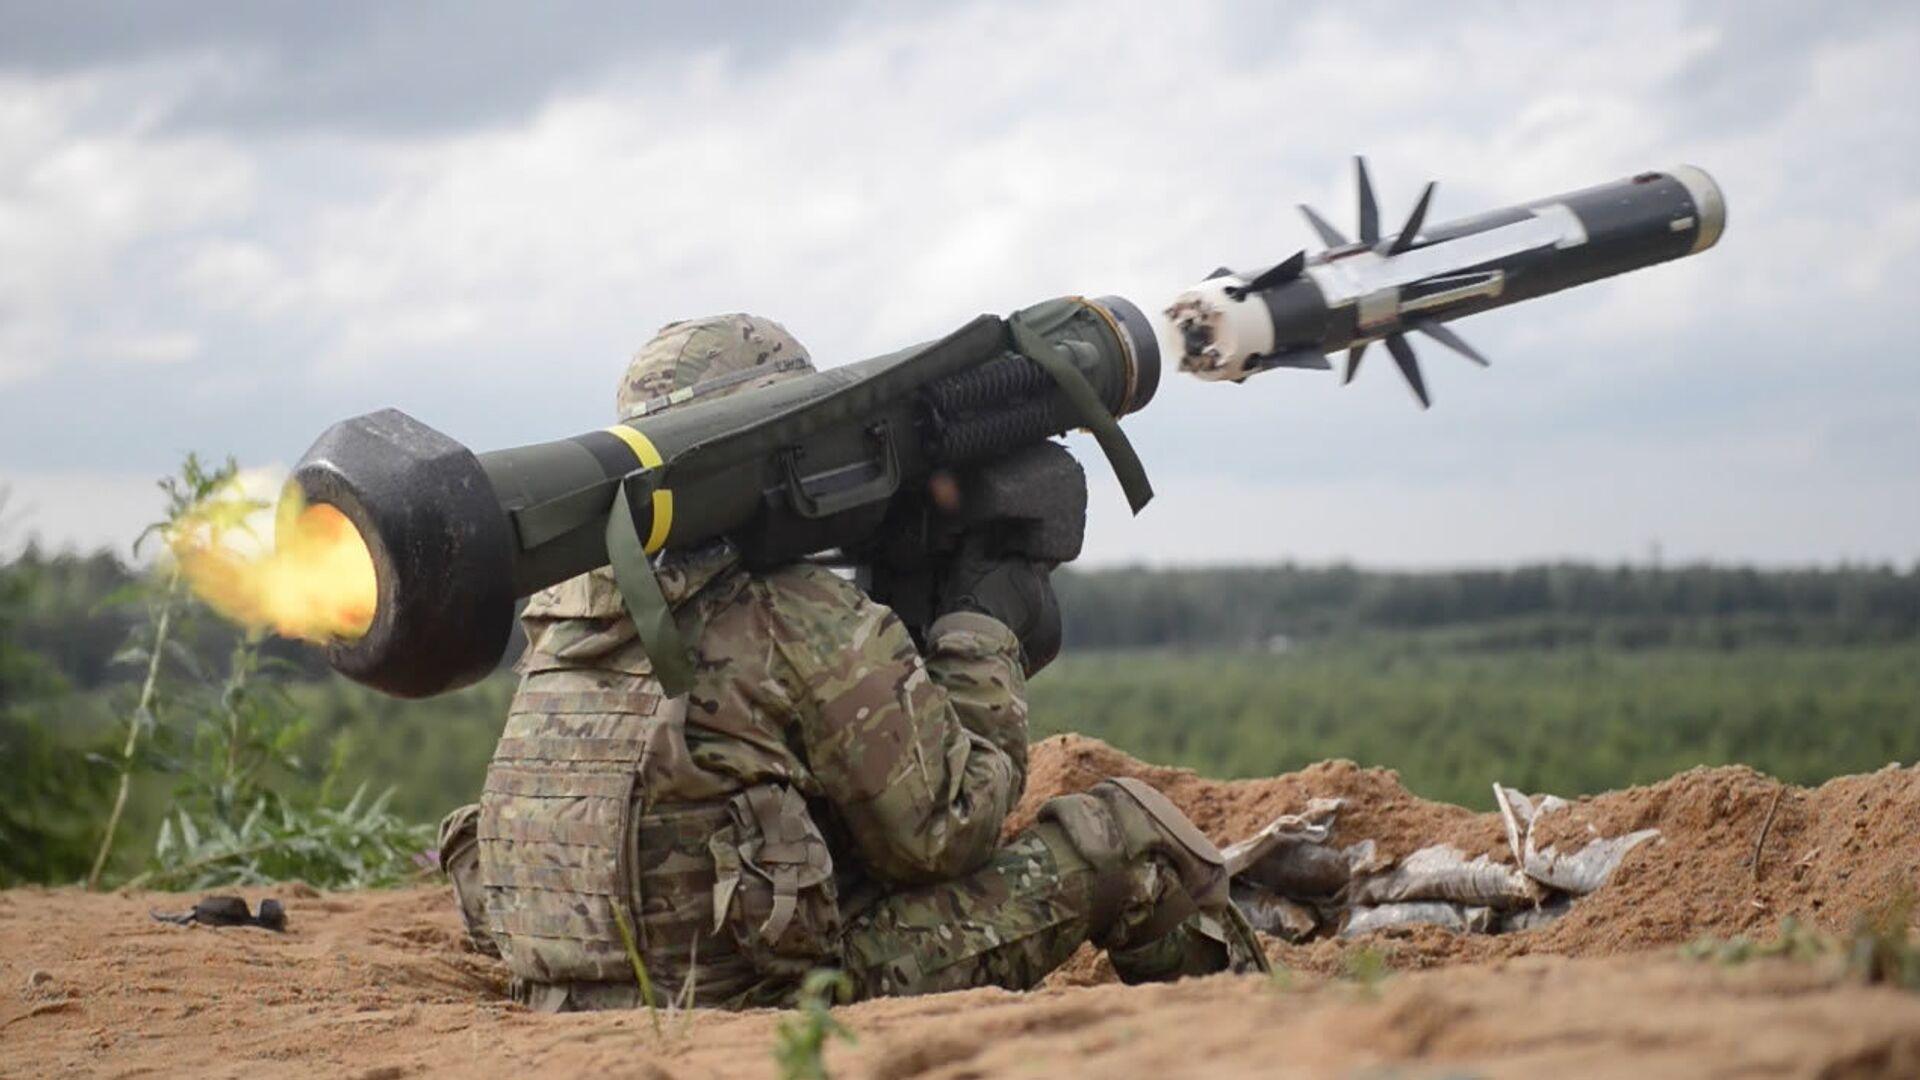 Американский военный производит выстрел из противотанкового ракетного комплекса (ПТРК) Javelin во время учений в Эстонии - РИА Новости, 1920, 17.06.2021